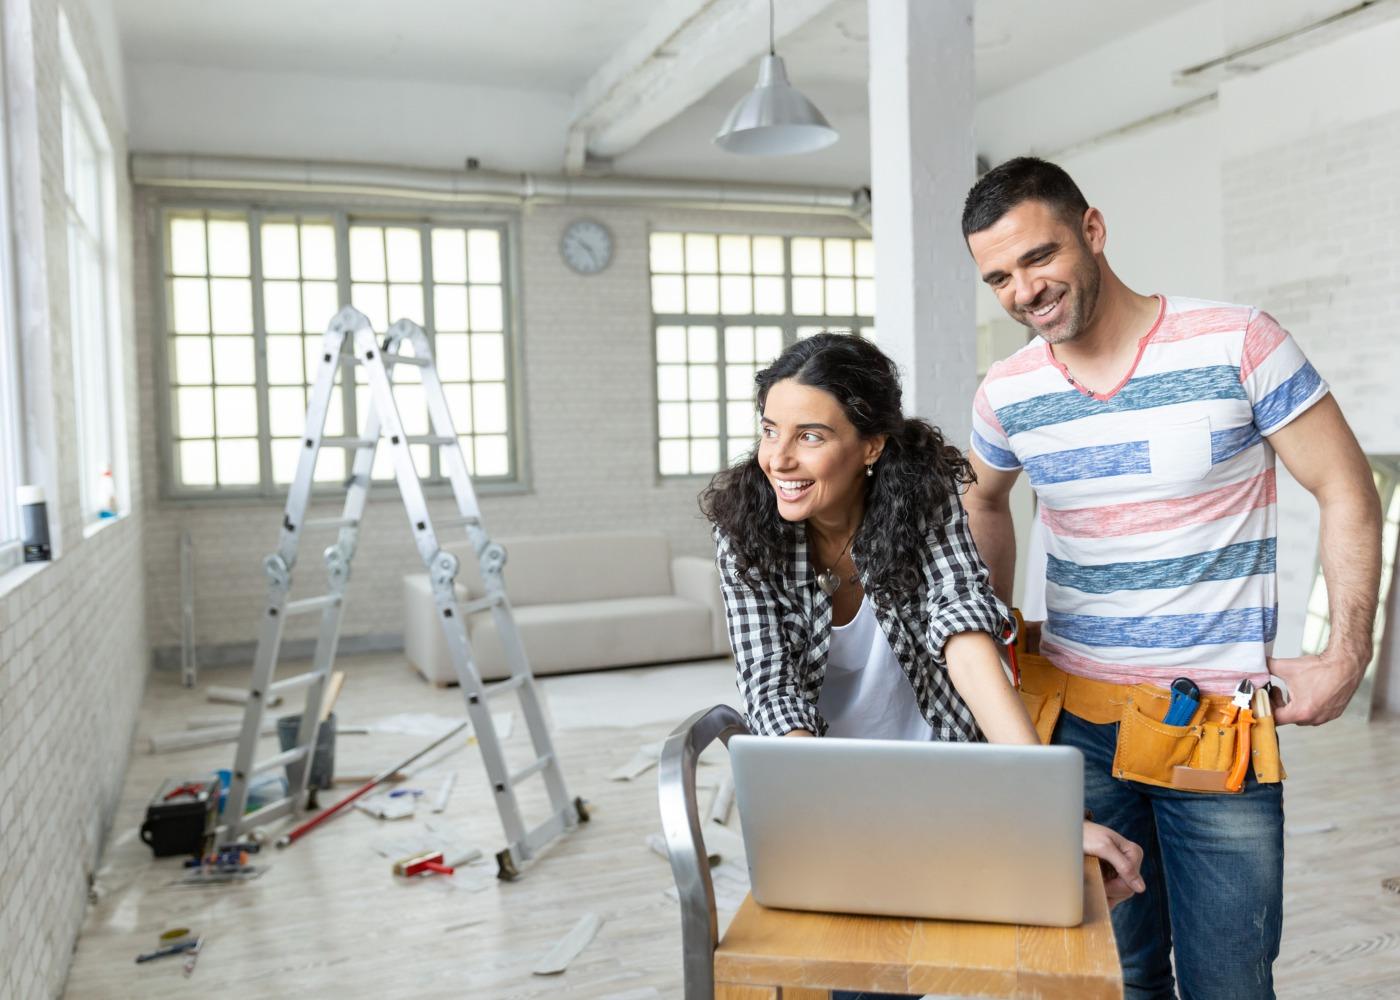 casal numa casa a ser remodelada a ver planos no computador